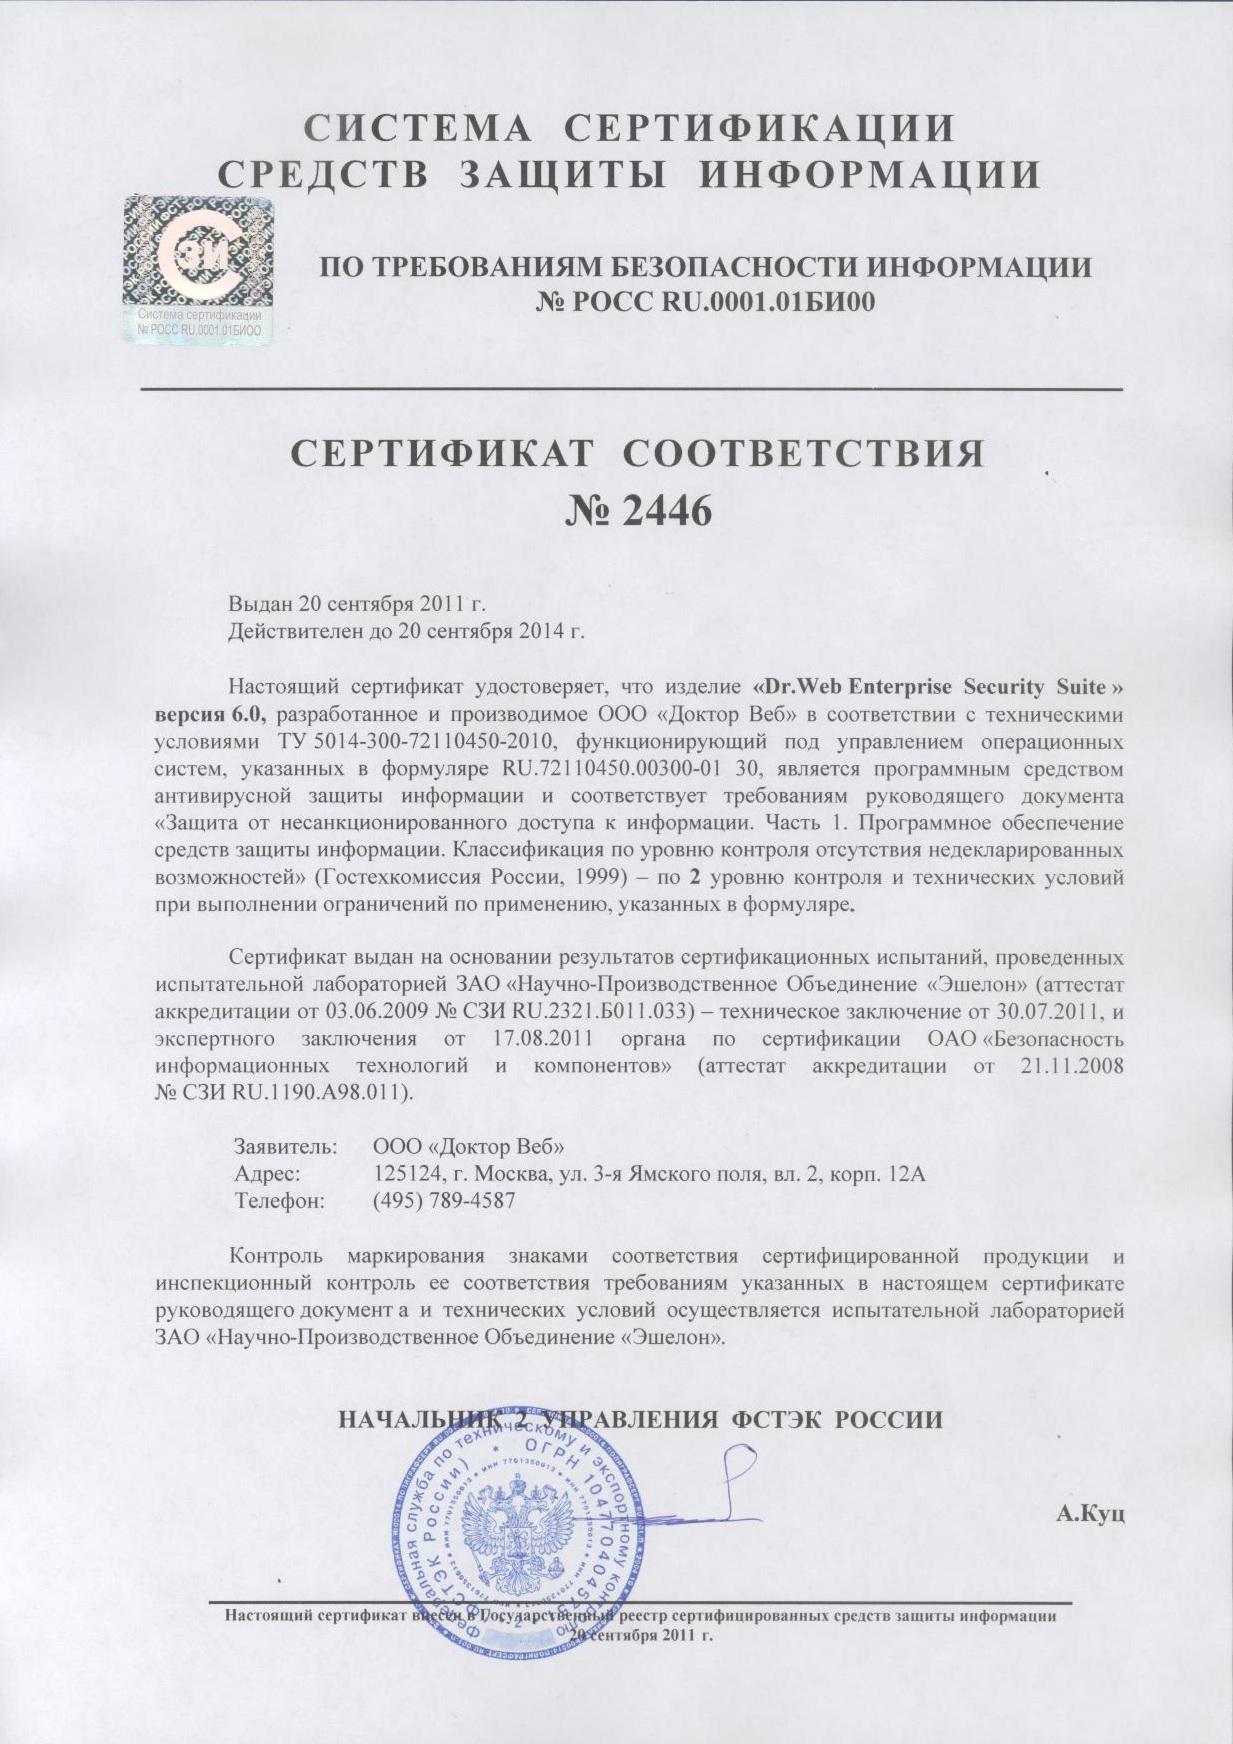 Сертификация фсб продуктов oracle международная сертификация евростандартрегистр